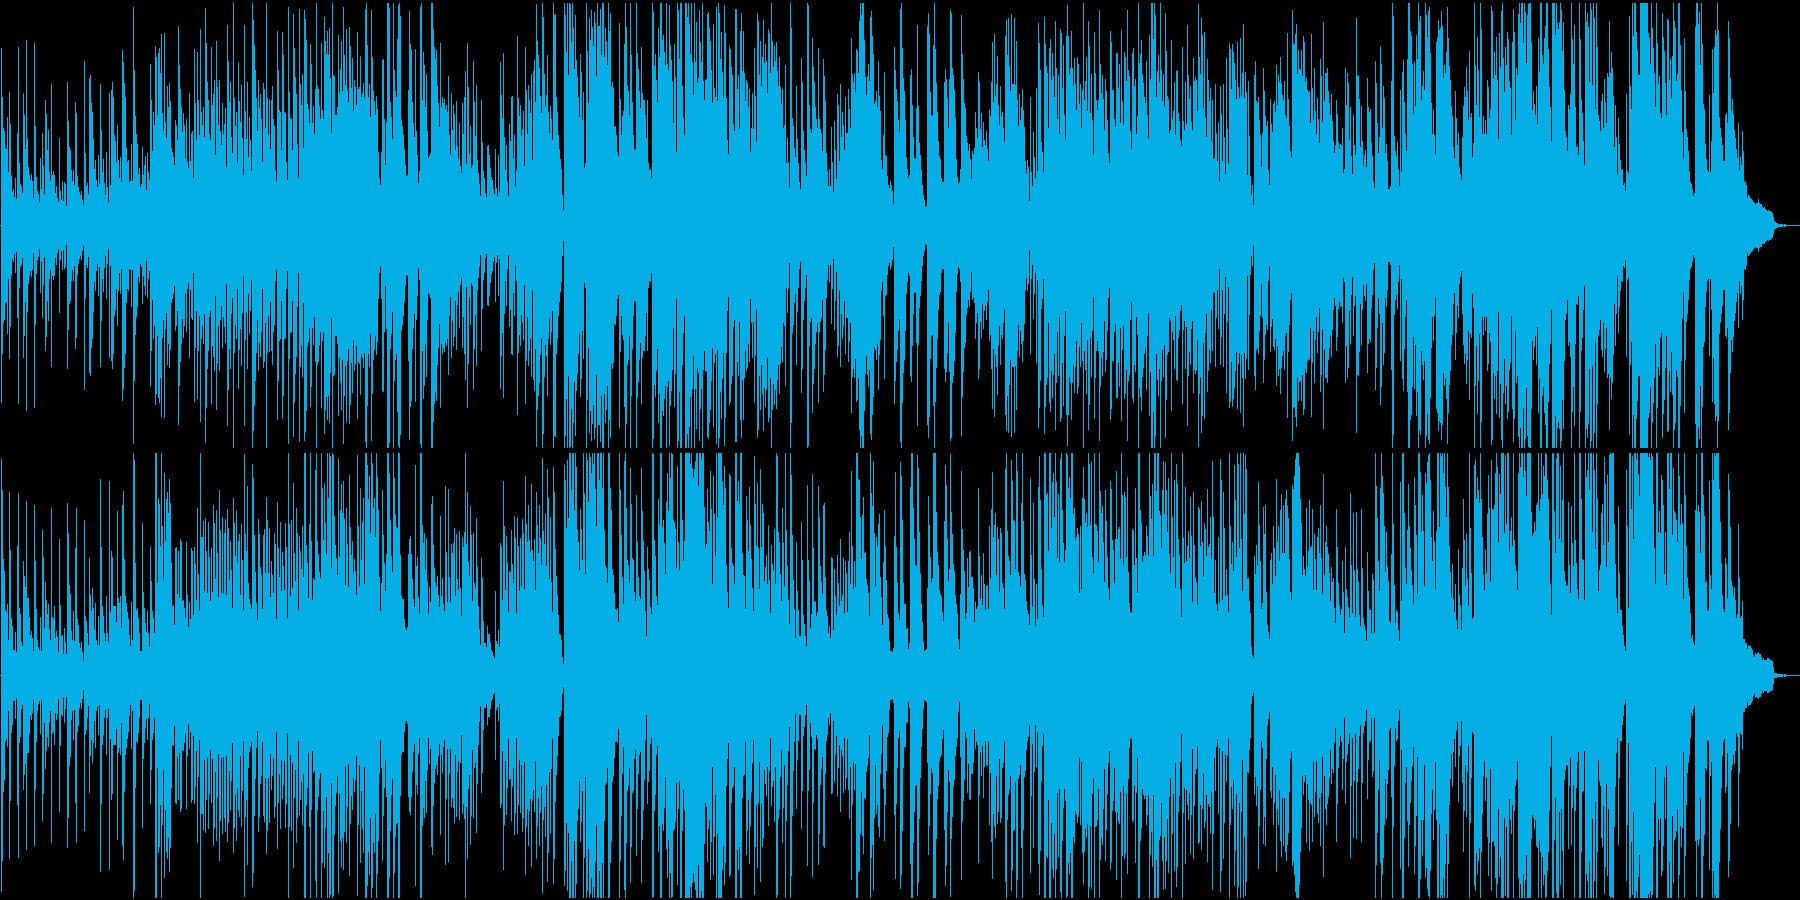 約4分の、長い階段のようなピアノソロ楽曲の再生済みの波形